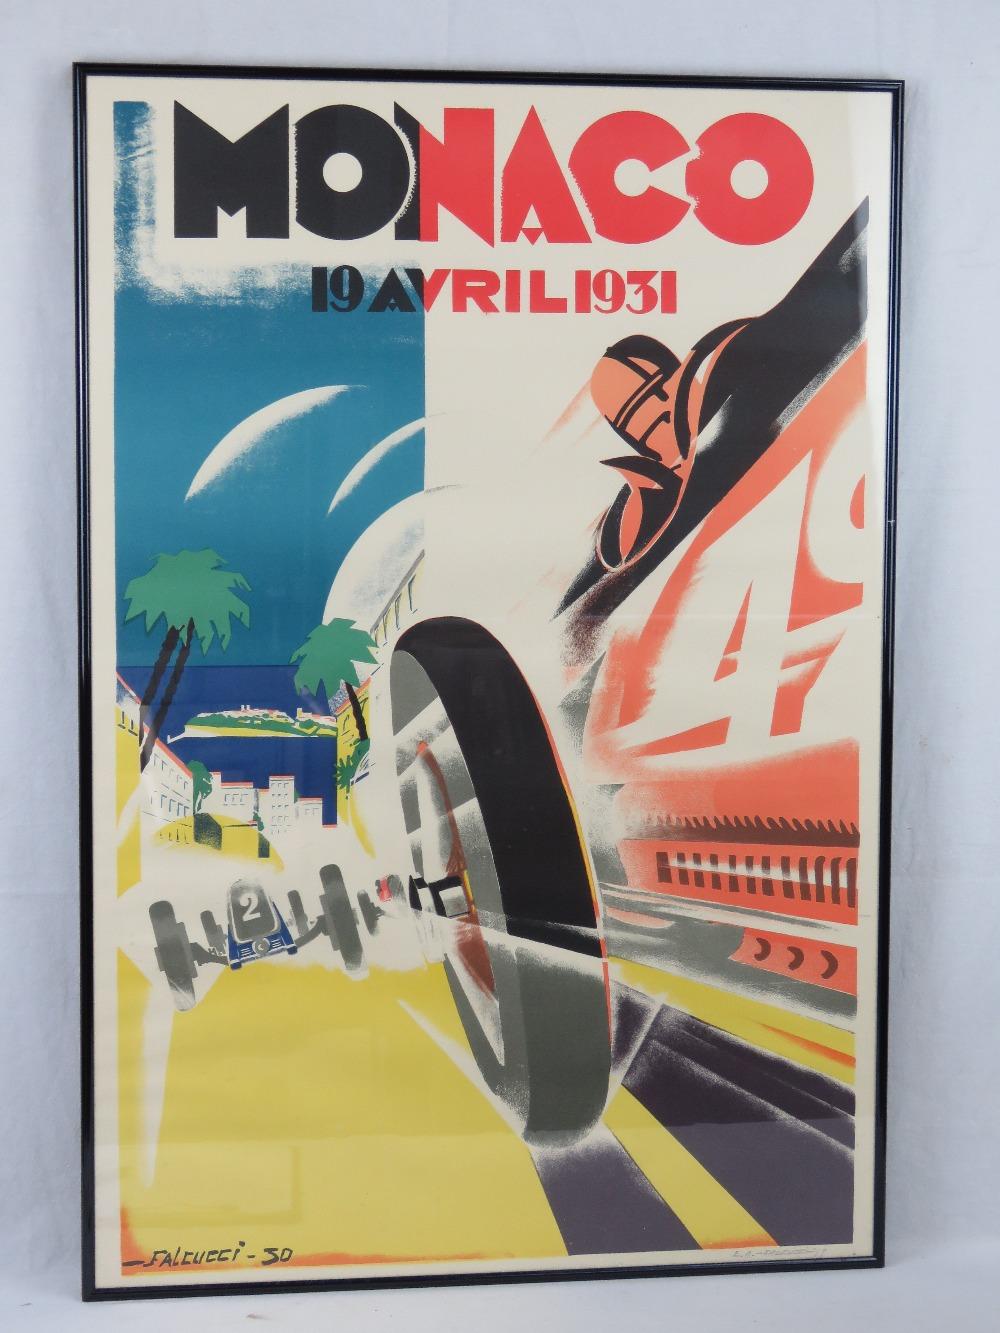 Lot 53 - A restrike 1931 Monaco Grand Prix poster dated for 19th April, signed in pencil EA Falcucci (19)89,